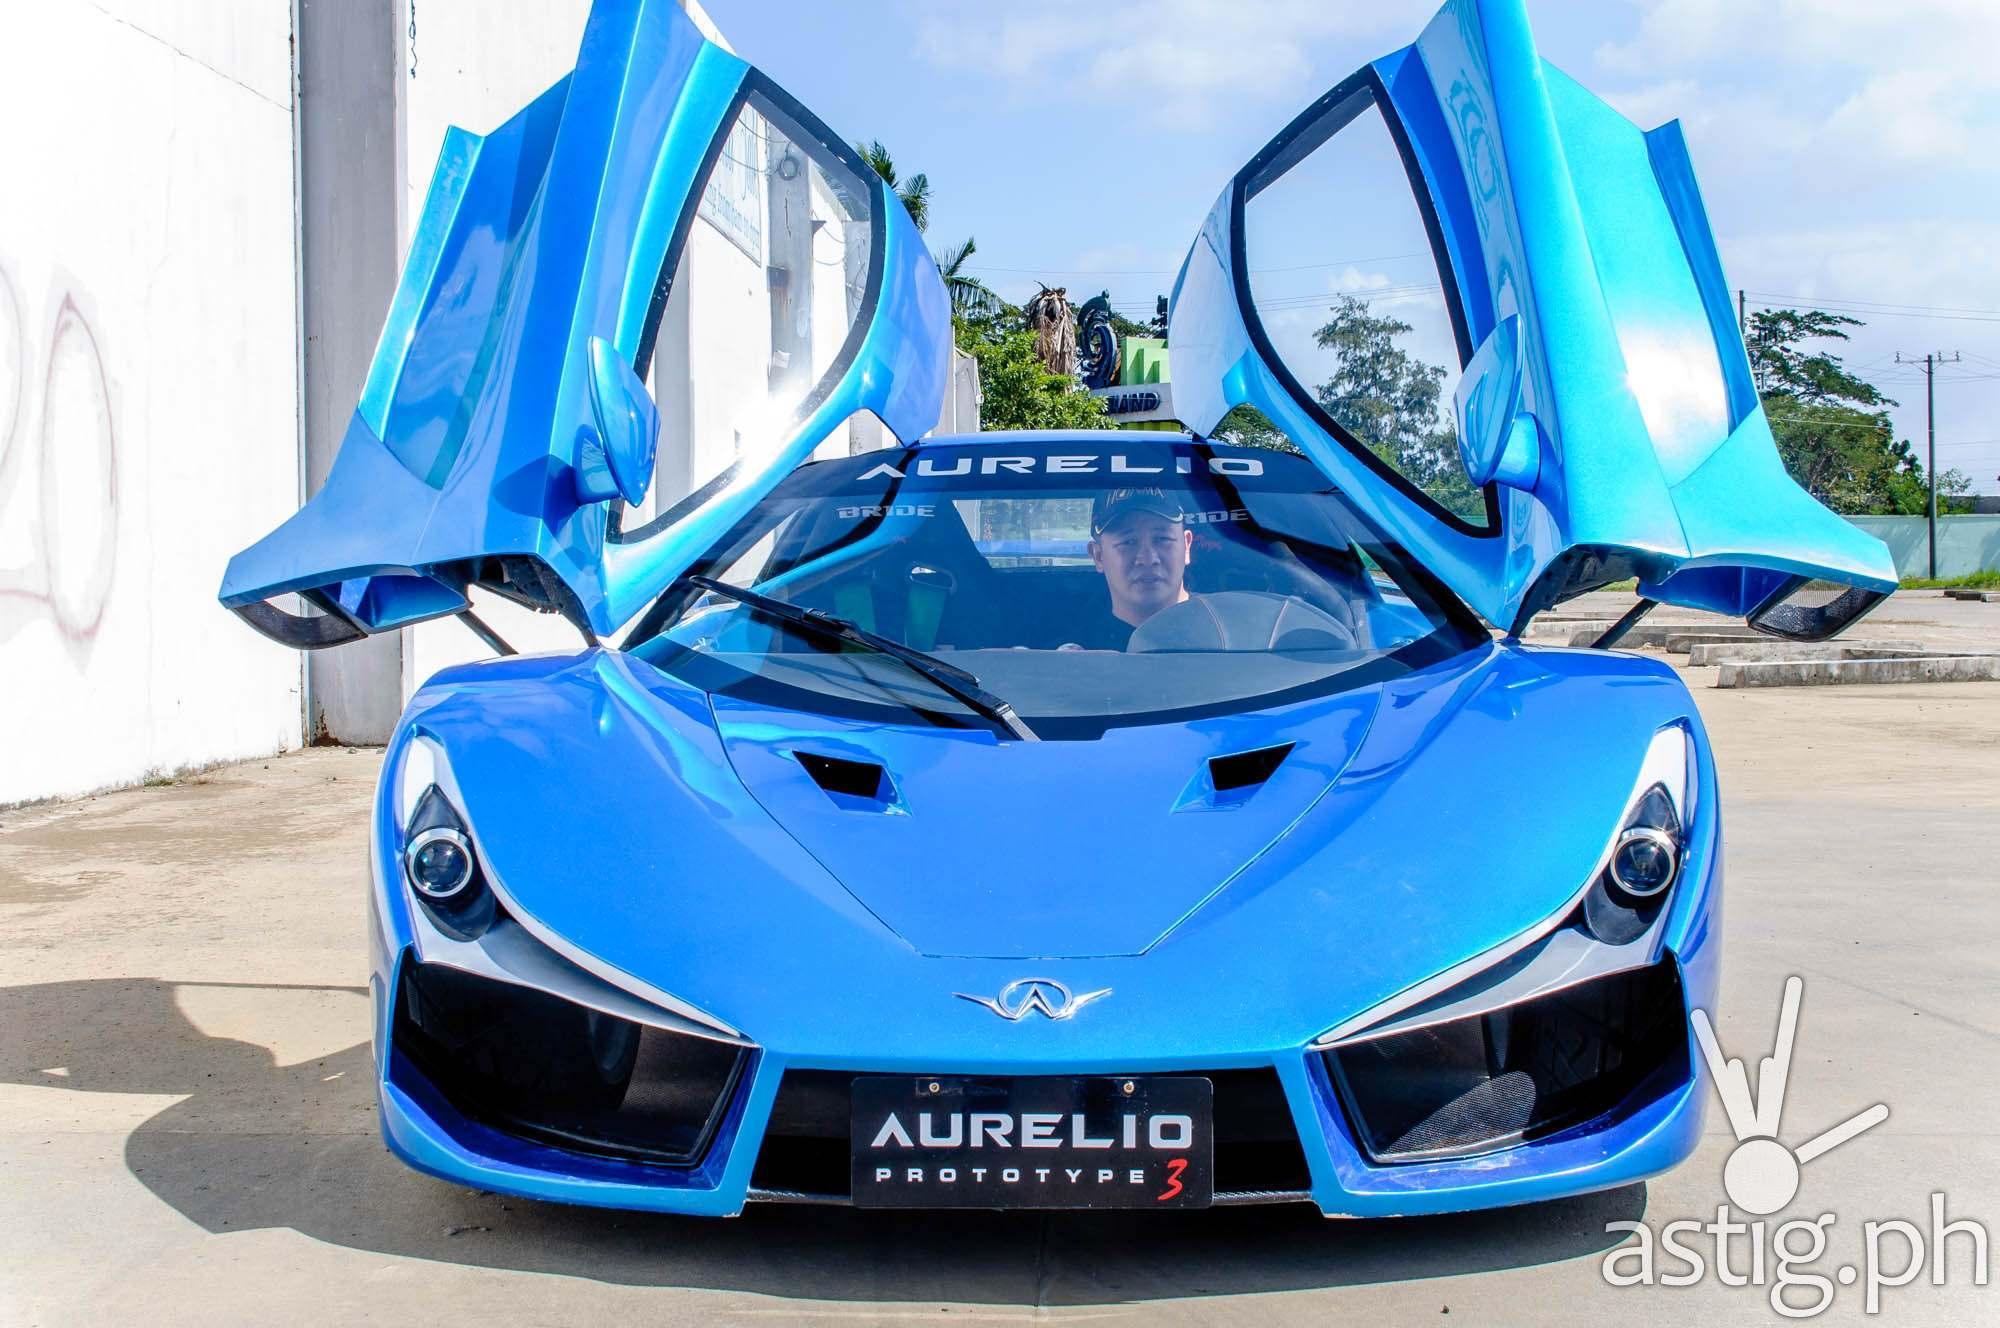 Aurelio Supercar: Philippines' diamond in the rough | ASTIG.PH